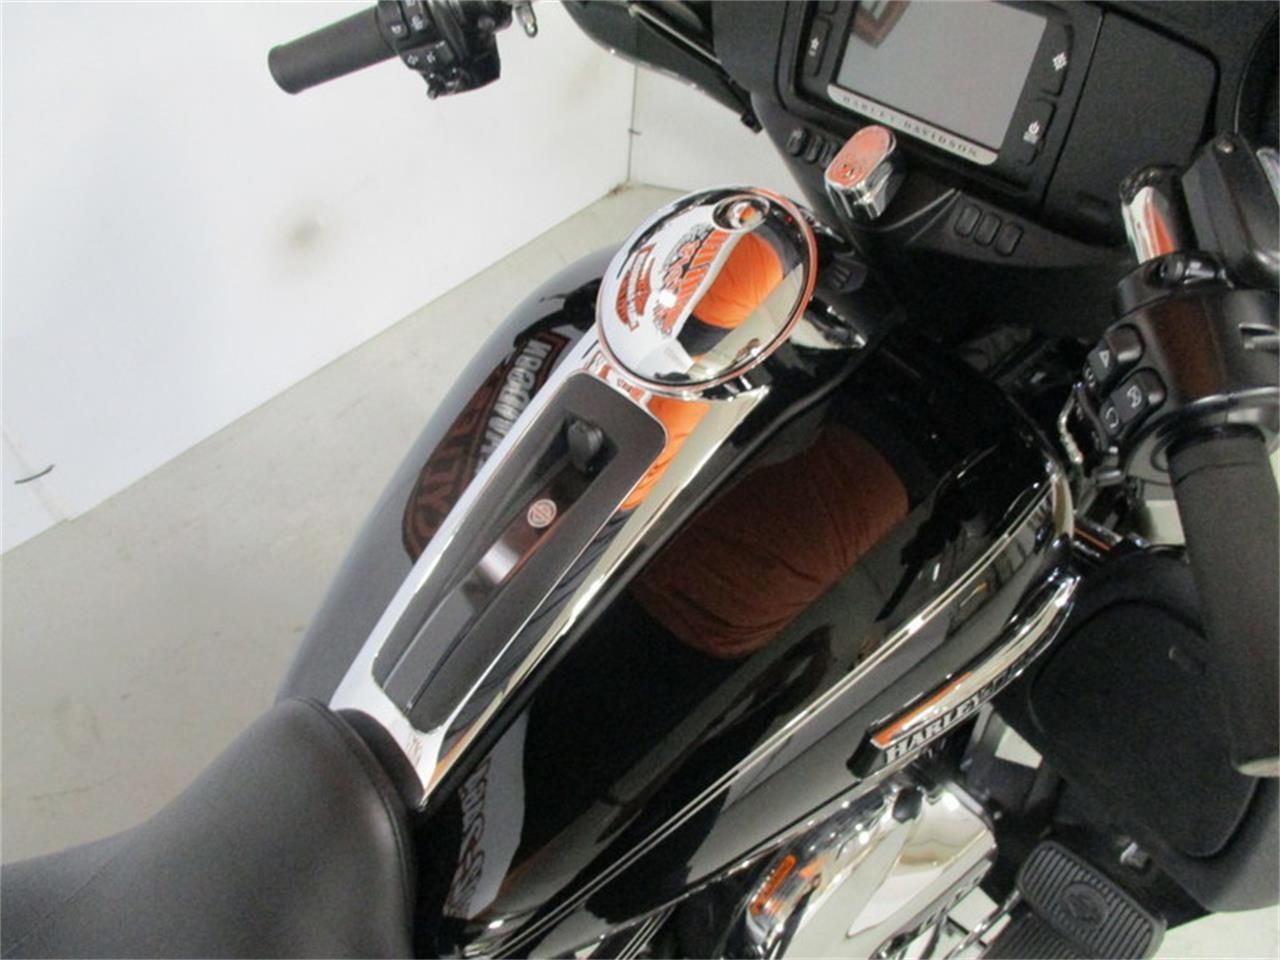 Large Picture of '16 FLHTCU - Electra Glide® Ultra Classic® - M9EU